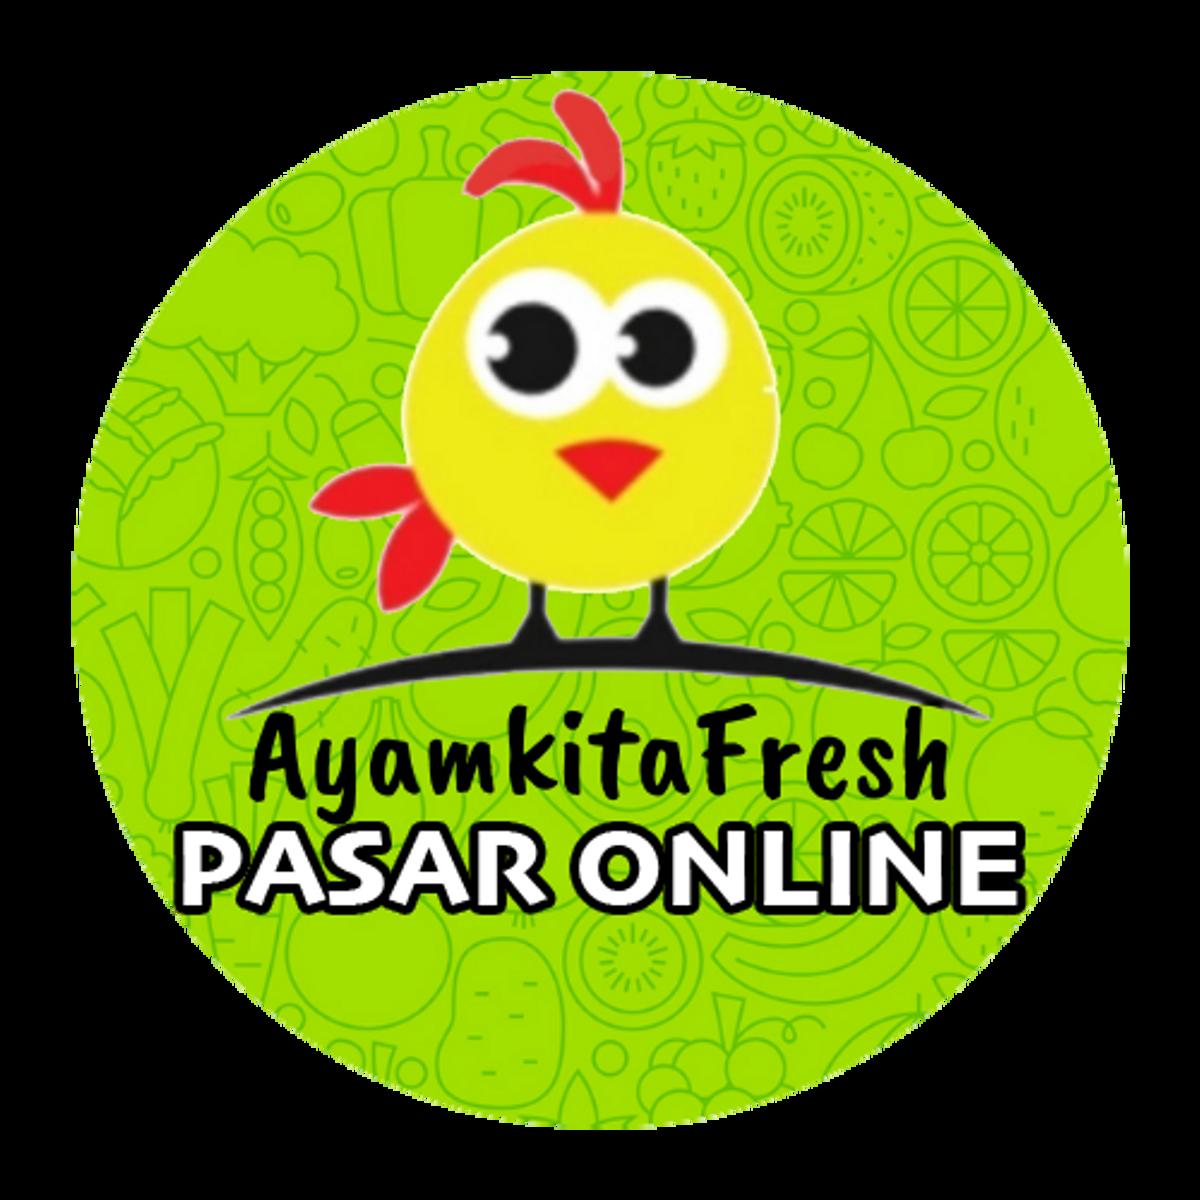 Pasar Online Malaysia : Semua Barang Segar dari Pasar Borong | Ayamkitafresh